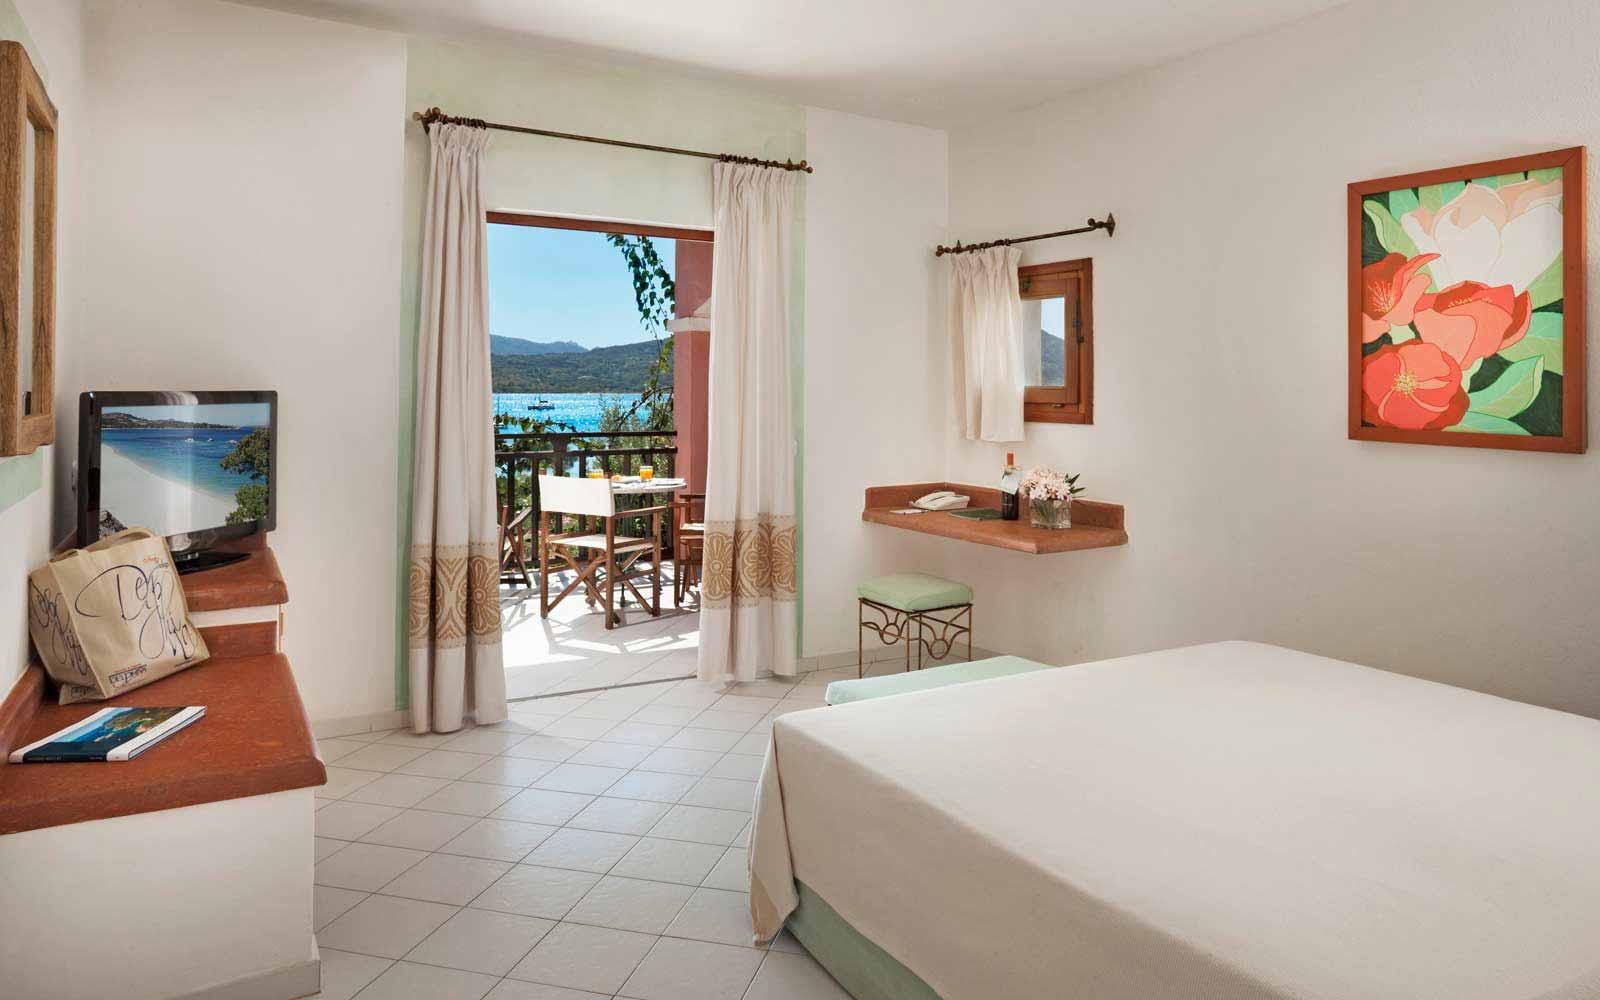 Standard room Il Borgo at Resort Cala di Falco